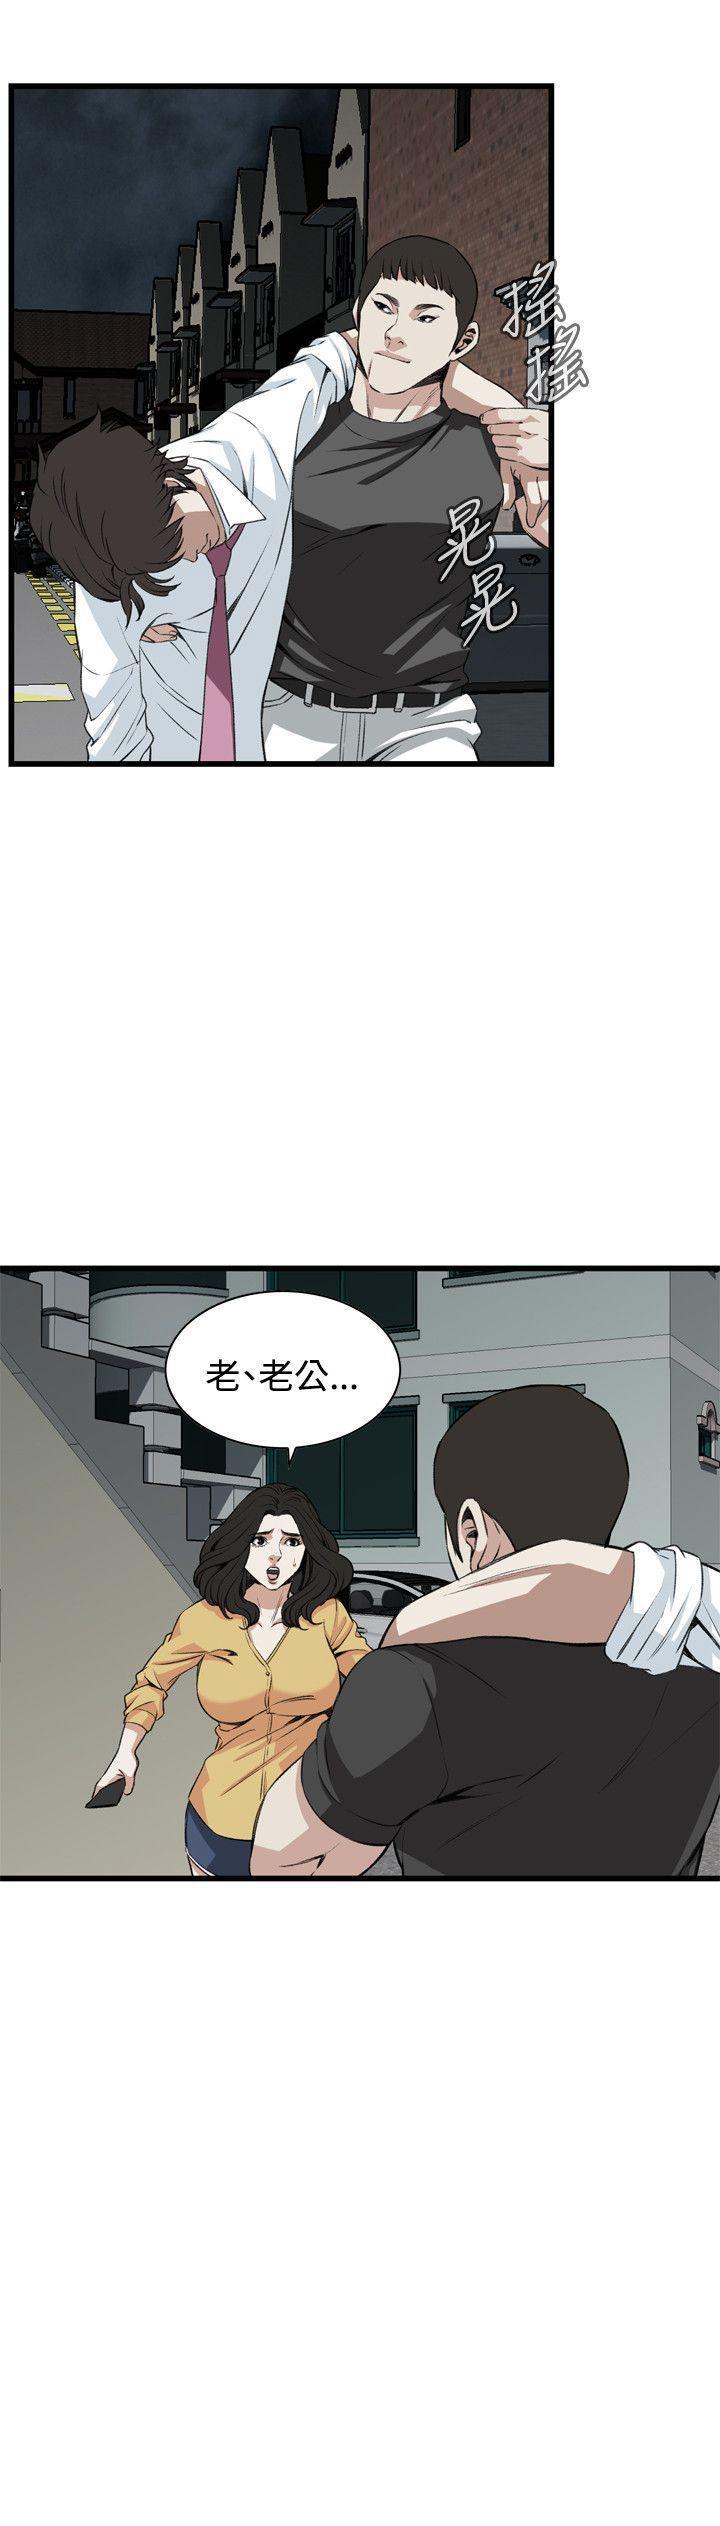 偷窥72-93 Chinese Rsiky 73